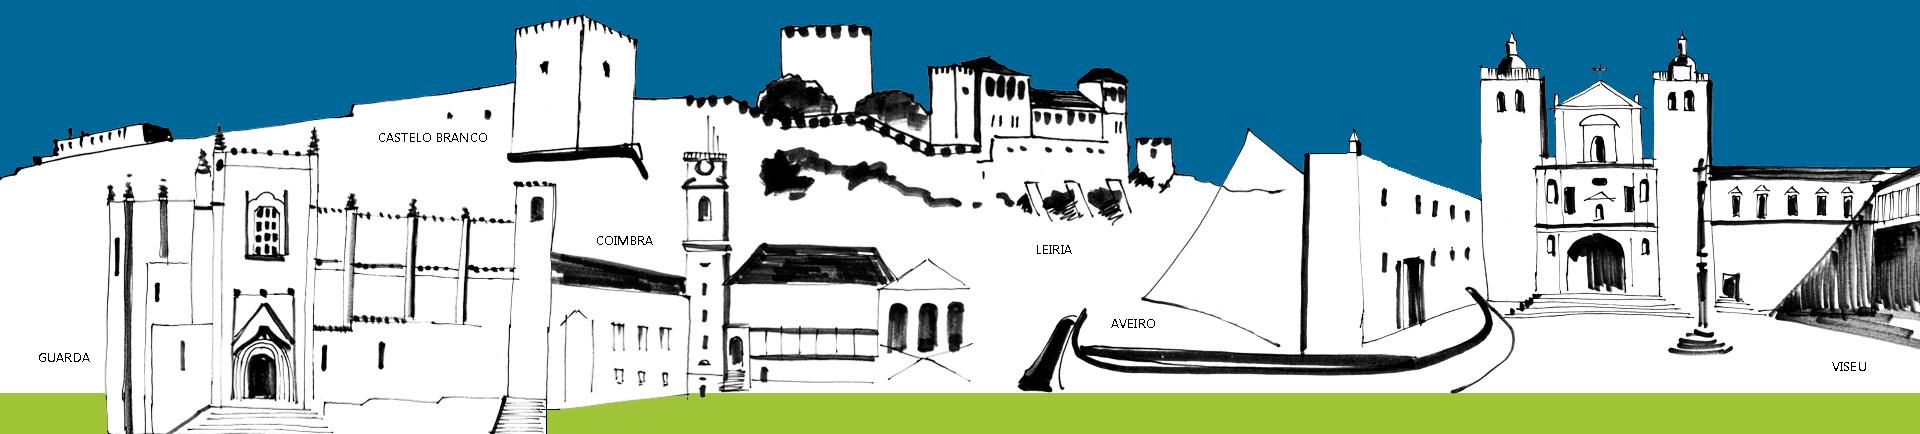 ilustração de construções históricas das cidades da Direção Regional do Centro: Guarda, Castelo Branco, Coimbra, Leiria, Aveiro, Viseu